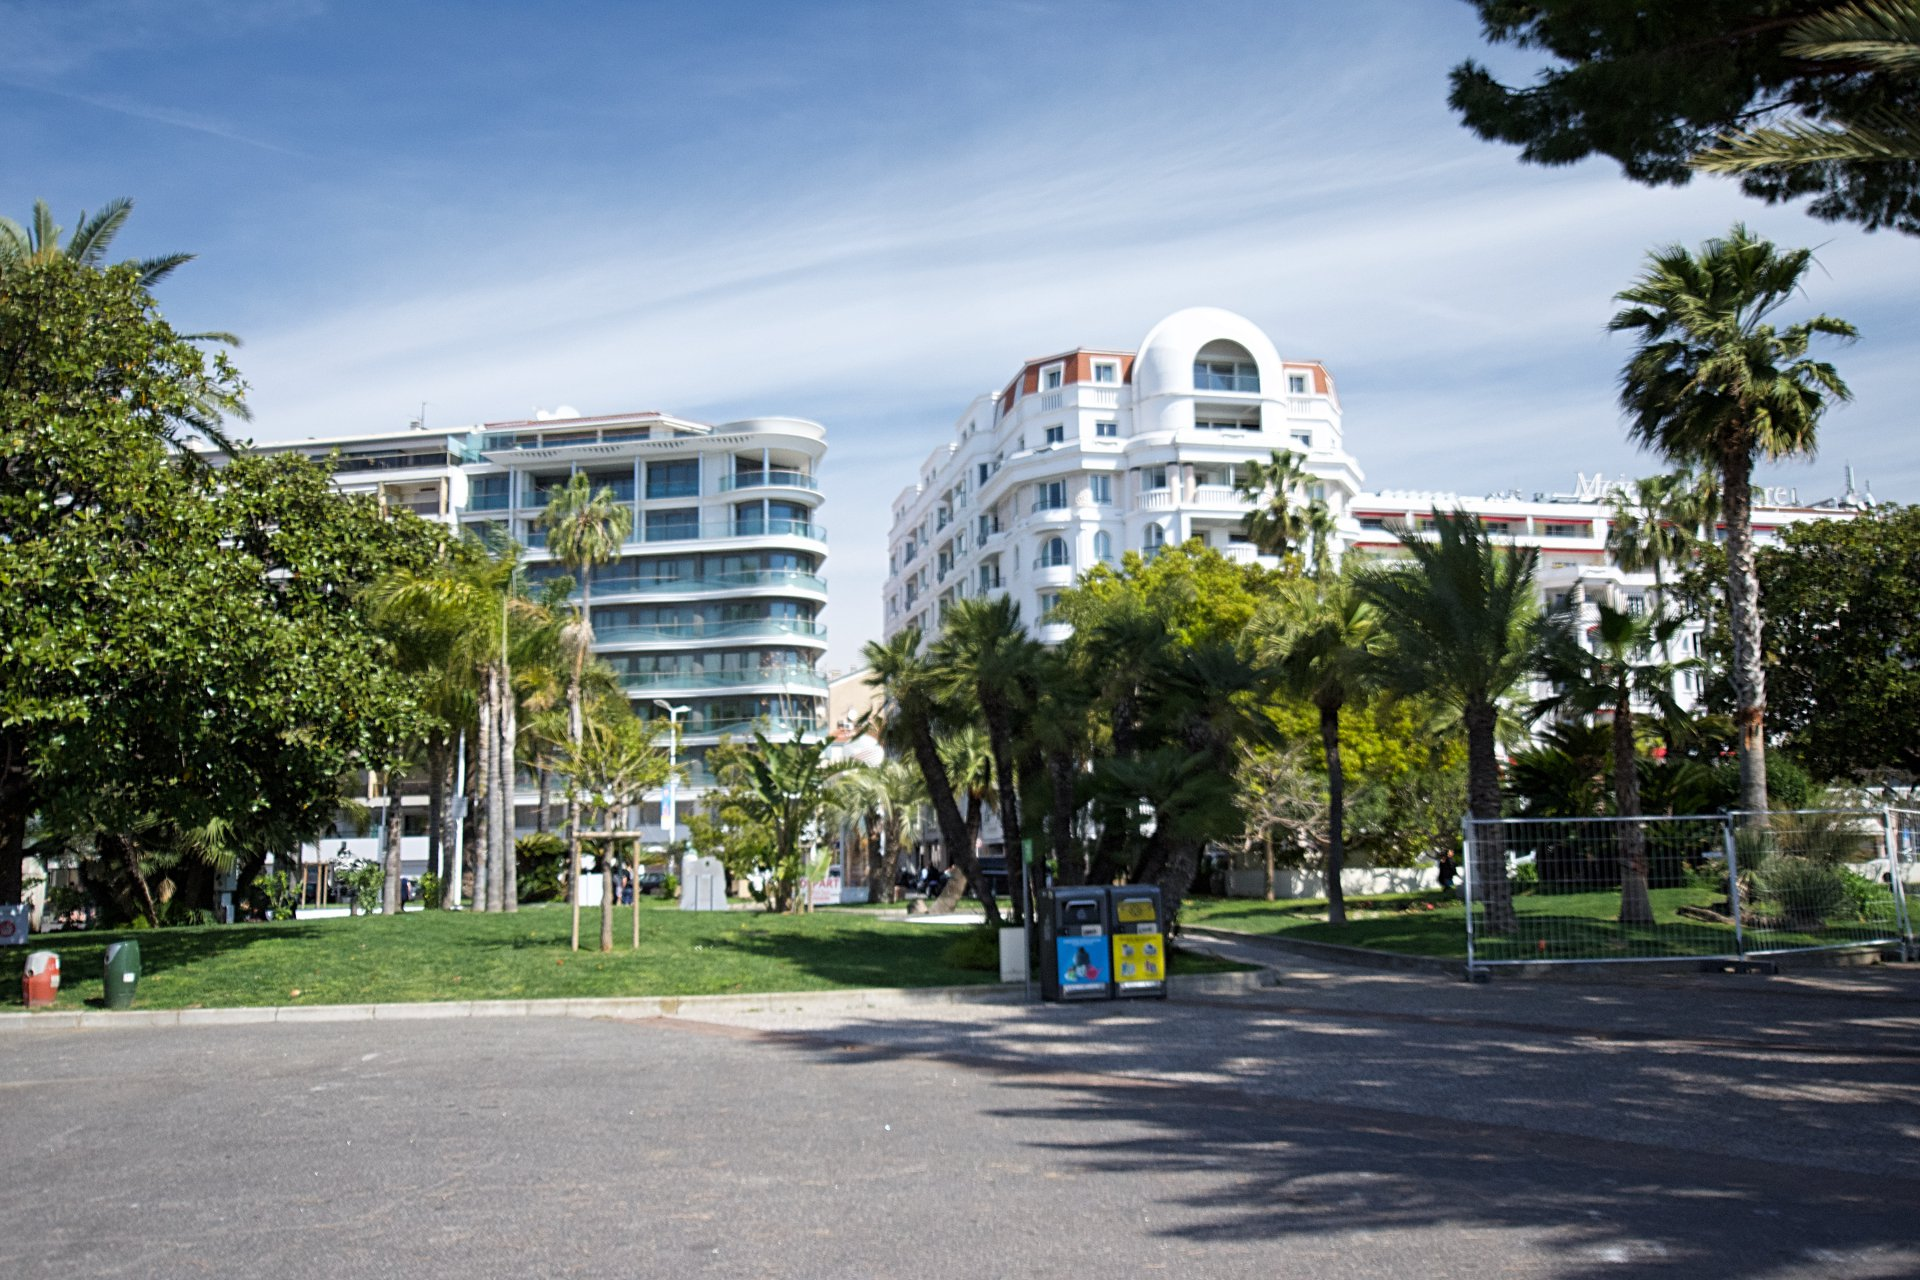 Seasonal rental Apartment - Cannes 7 Croisette - N°701